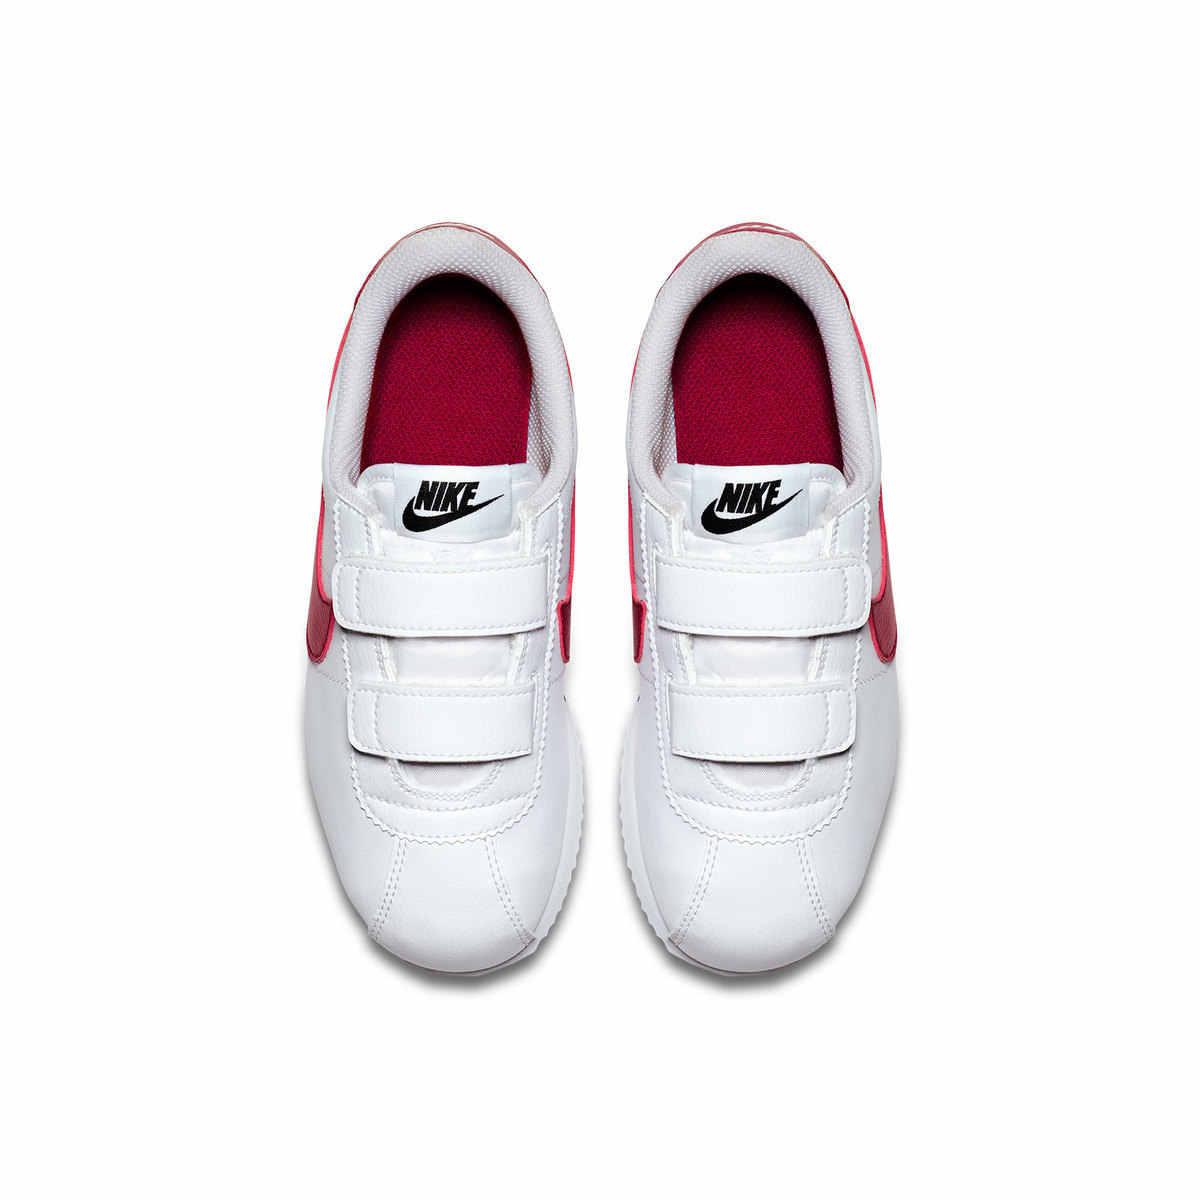 Ópera gas Tranvía  NIKE niños Cortez oficial básico SL niños pequeños zapatos para correr  zapatillas cómodas para niños y niñas #904767| | - AliExpress